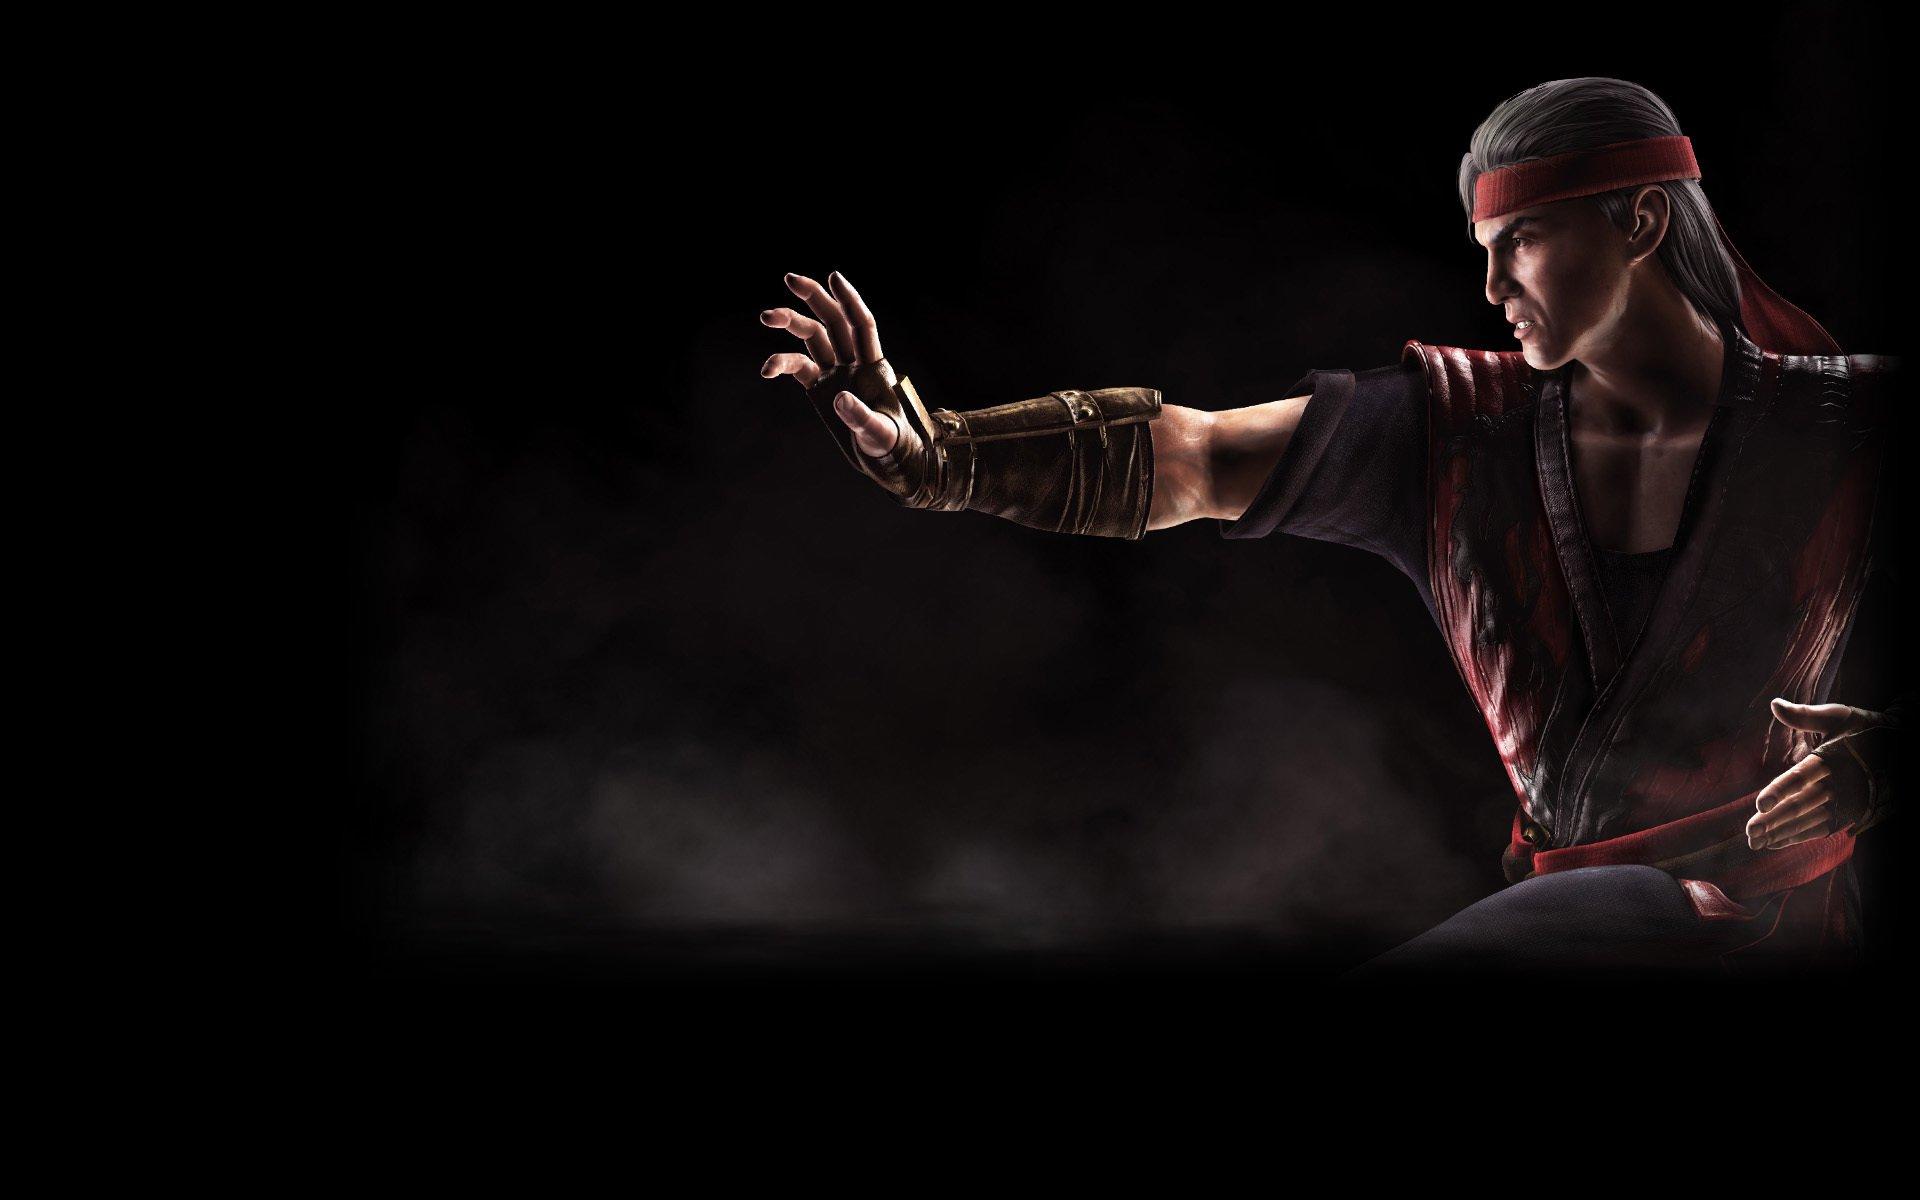 Adesivos De Parede Mortal Kombat ~ Papel De Parede Para Quarto Mortal Kombat ~ Yazzic com Obtenha uma coleç u00e3o de imagens do